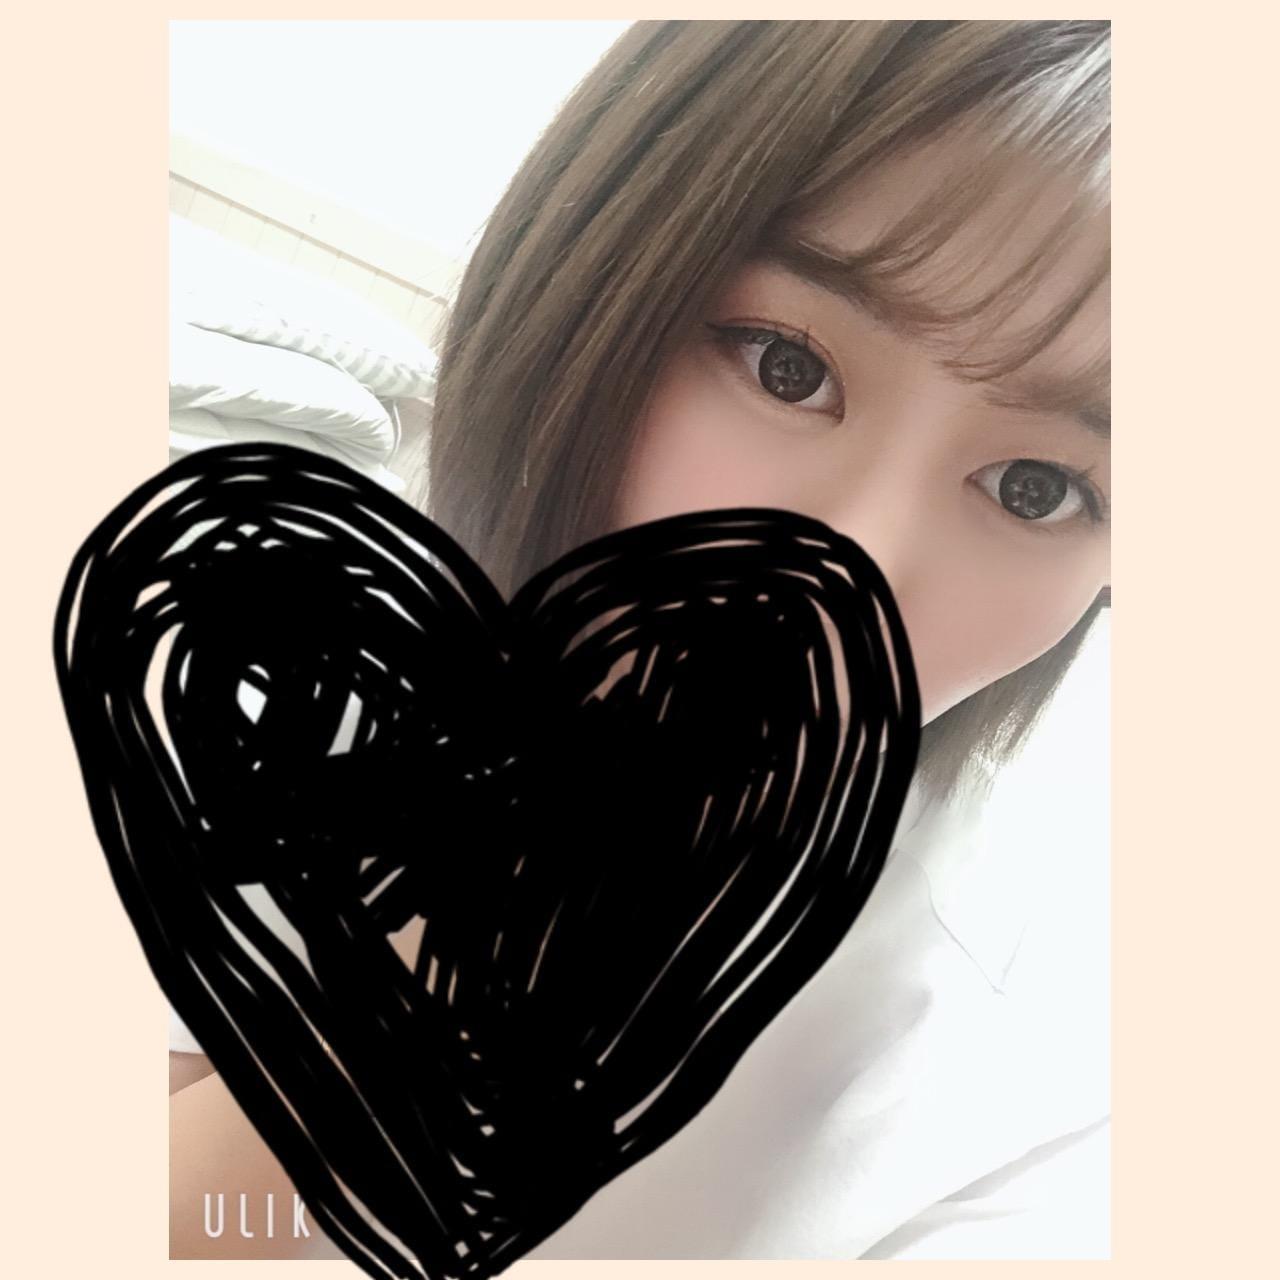 「こんばんは^_^」09/15(09/15) 20:26 | あやかの写メ・風俗動画